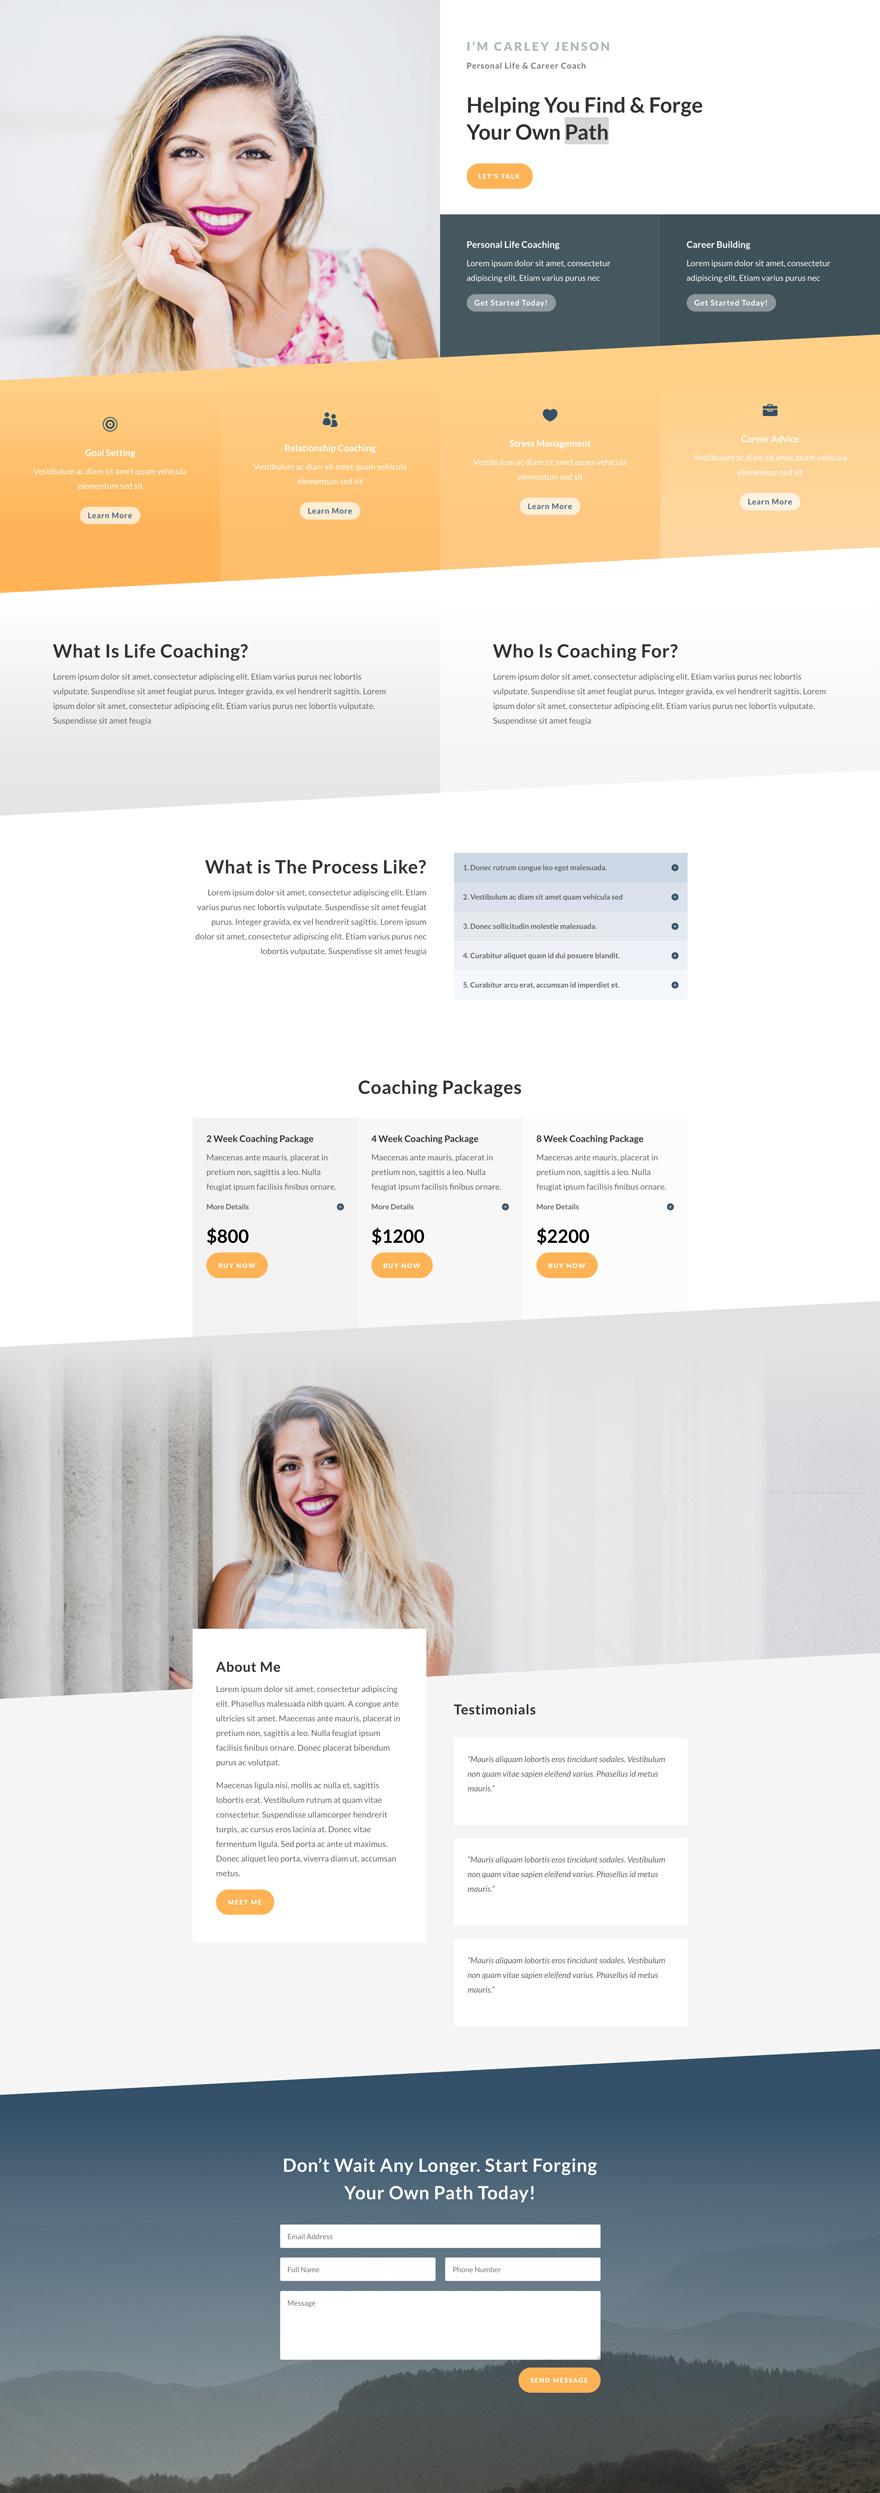 Life Coach Pre-made WordPress Website Design